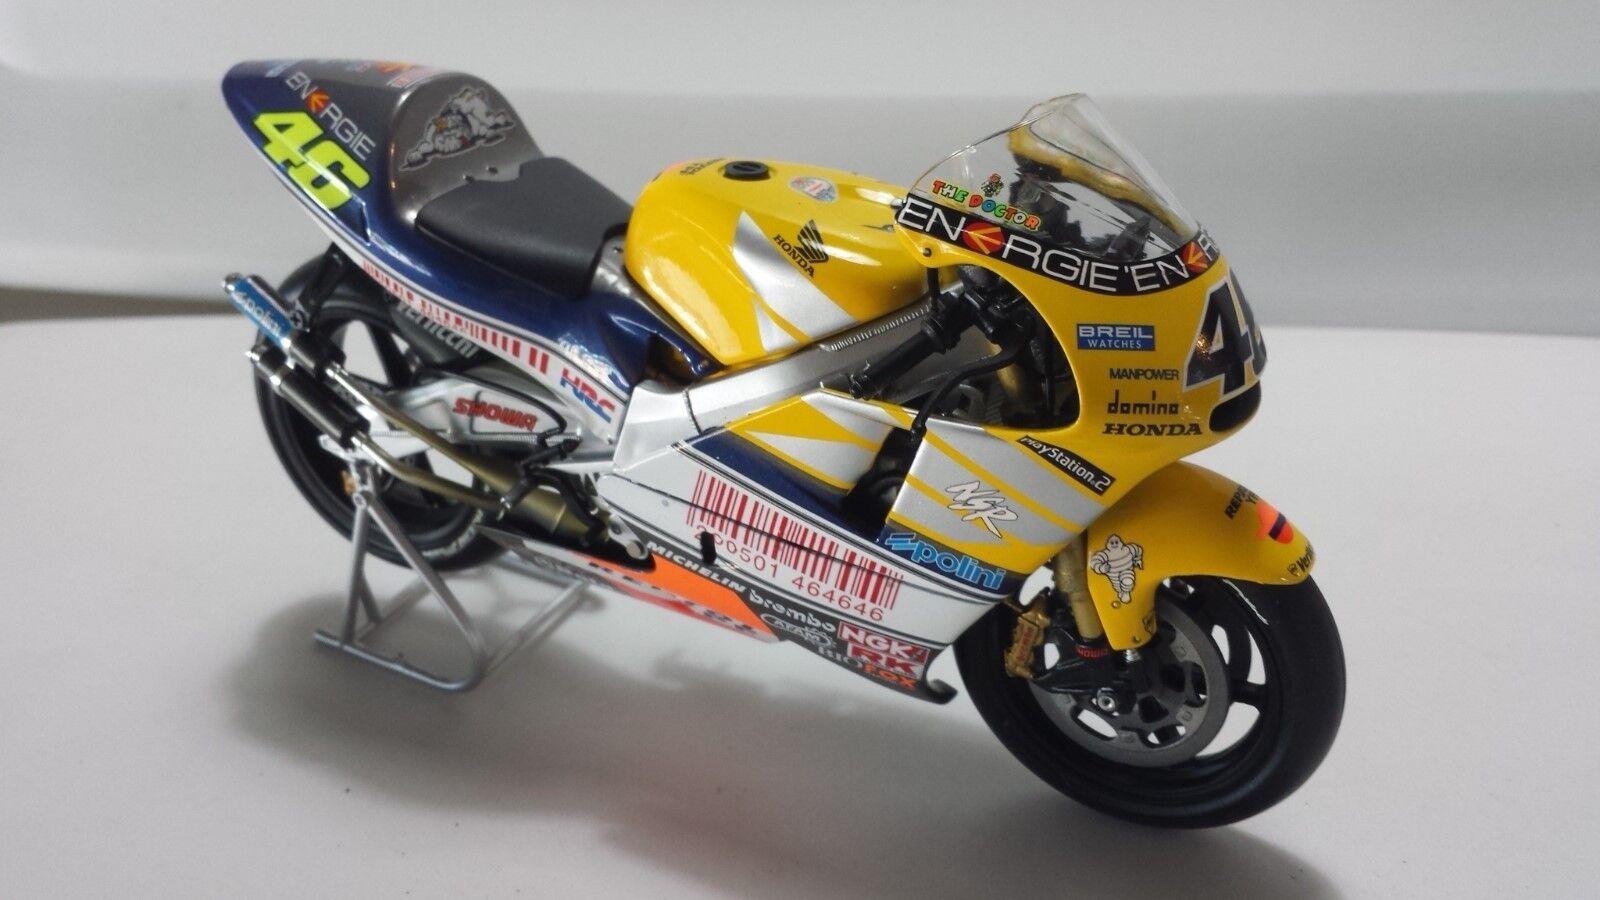 Valentino  Rossi. Honda NSR500. GP LeMans2001. Minichamps 1 12.  70% de réduction